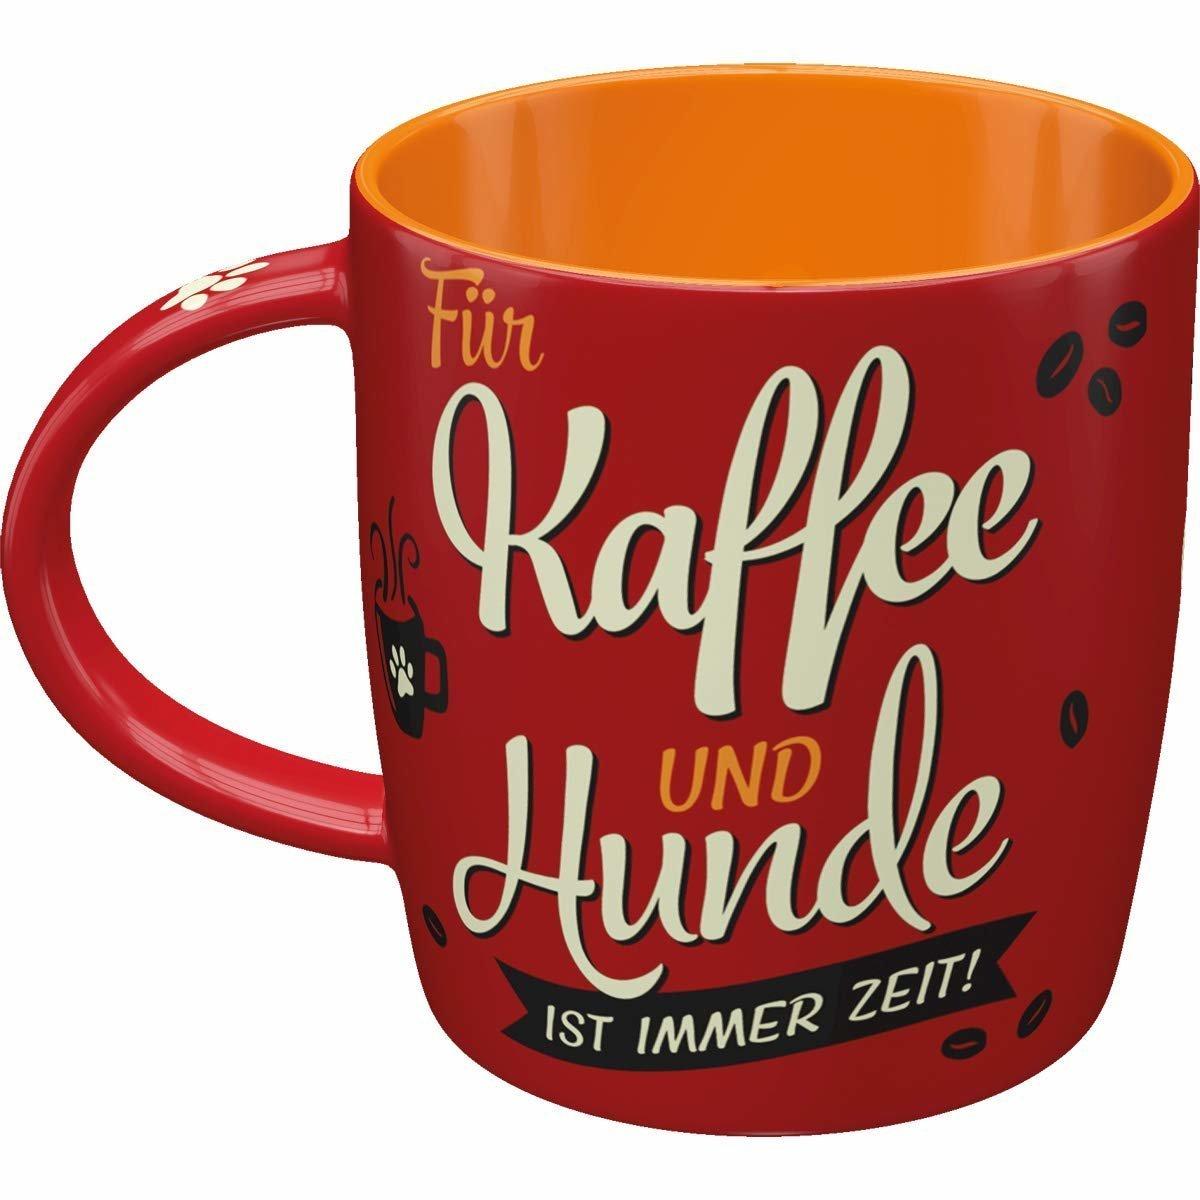 Nostalgic-Art Kaffe-Becher Kaffee und Hunde, 8,5 x 8,5 x 9 cm